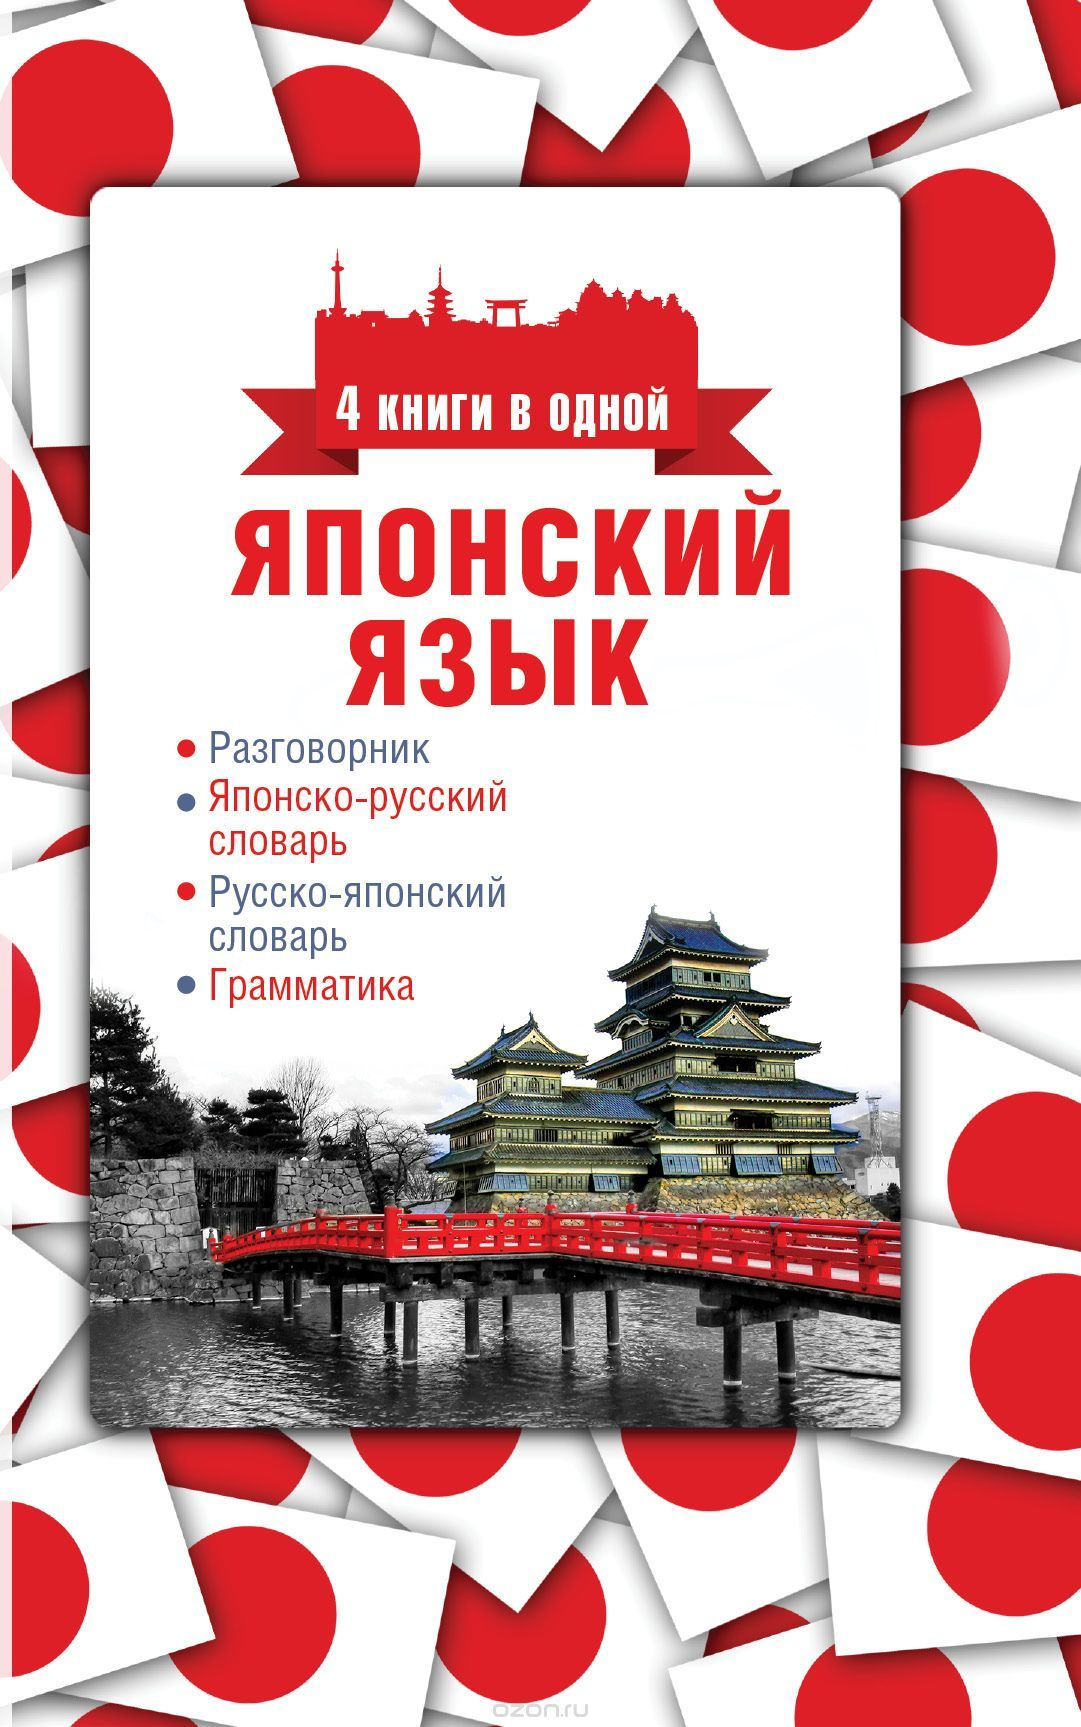 Kitab Японский язык. 4 книги в одной: разговорник, японско-русский словарь | Надежда Надежкина